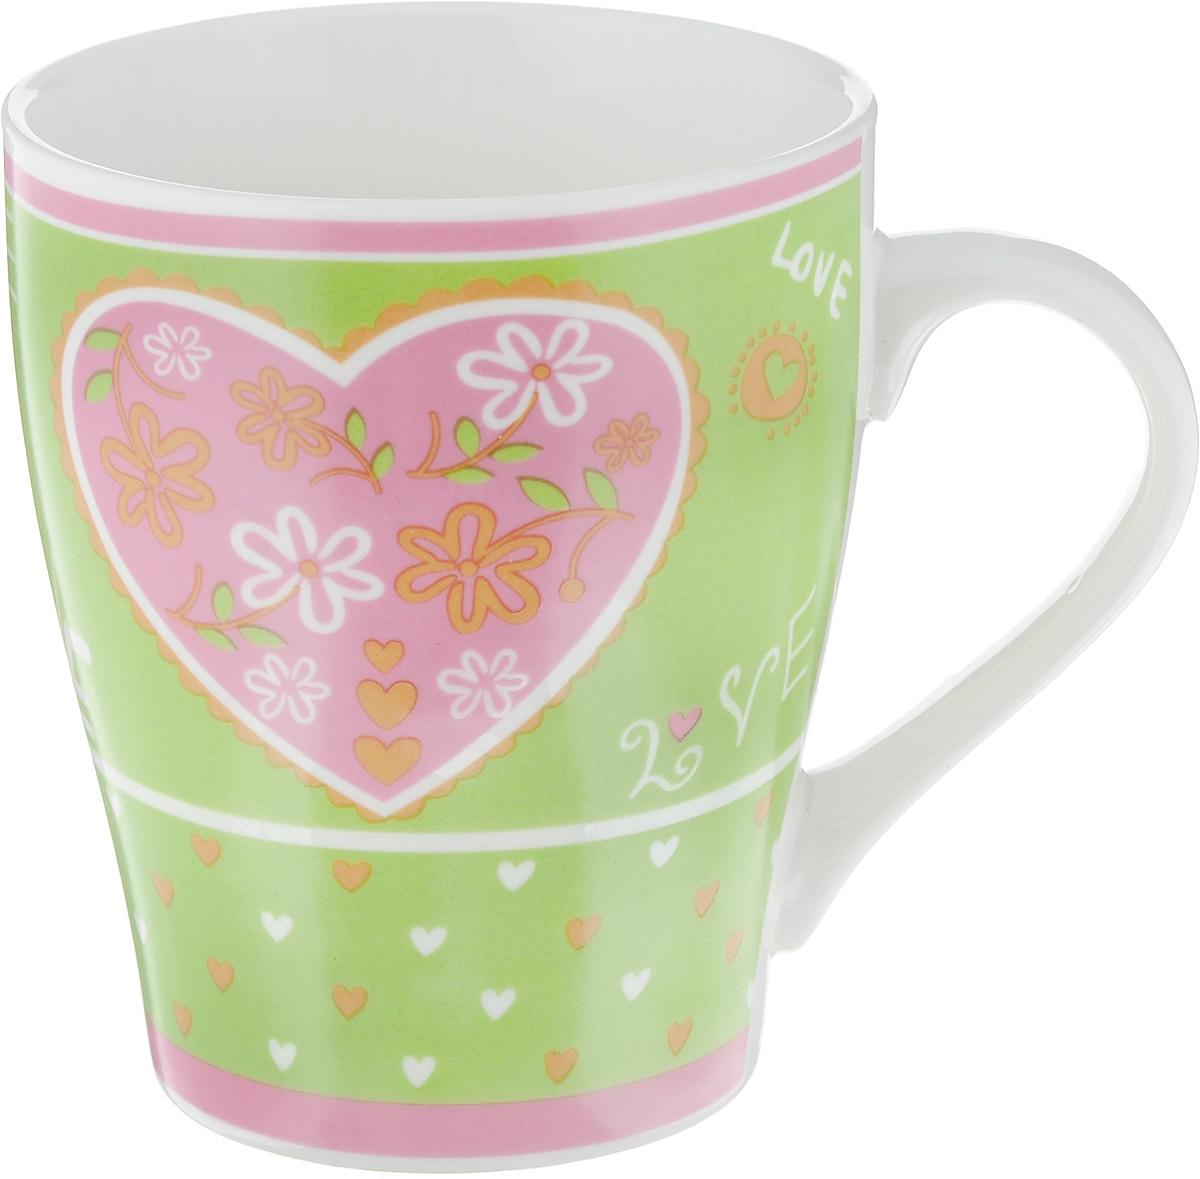 Кружка Loraine Сердце, цвет: зеленый, 350 мл115510Кружка Loraine изготовлена из прочного качественного костяного фарфора. Изделие оформлено красочным рисунком. Благодаря своим термостатическим свойствам, изделие отлично сохраняет температуру содержимого - морозной зимой кружка будет согревать вас горячим чаем, а знойным летом, напротив, радовать прохладными напитками. Такой аксессуар создаст атмосферу тепла и уюта, настроит на позитивный лад и подарит хорошее настроение с самого утра. Это оригинальное изделие идеально подойдет в подарок близкому человеку. Диаметр (по верхнему краю): 8,5 см.Высота кружки: 10 см.